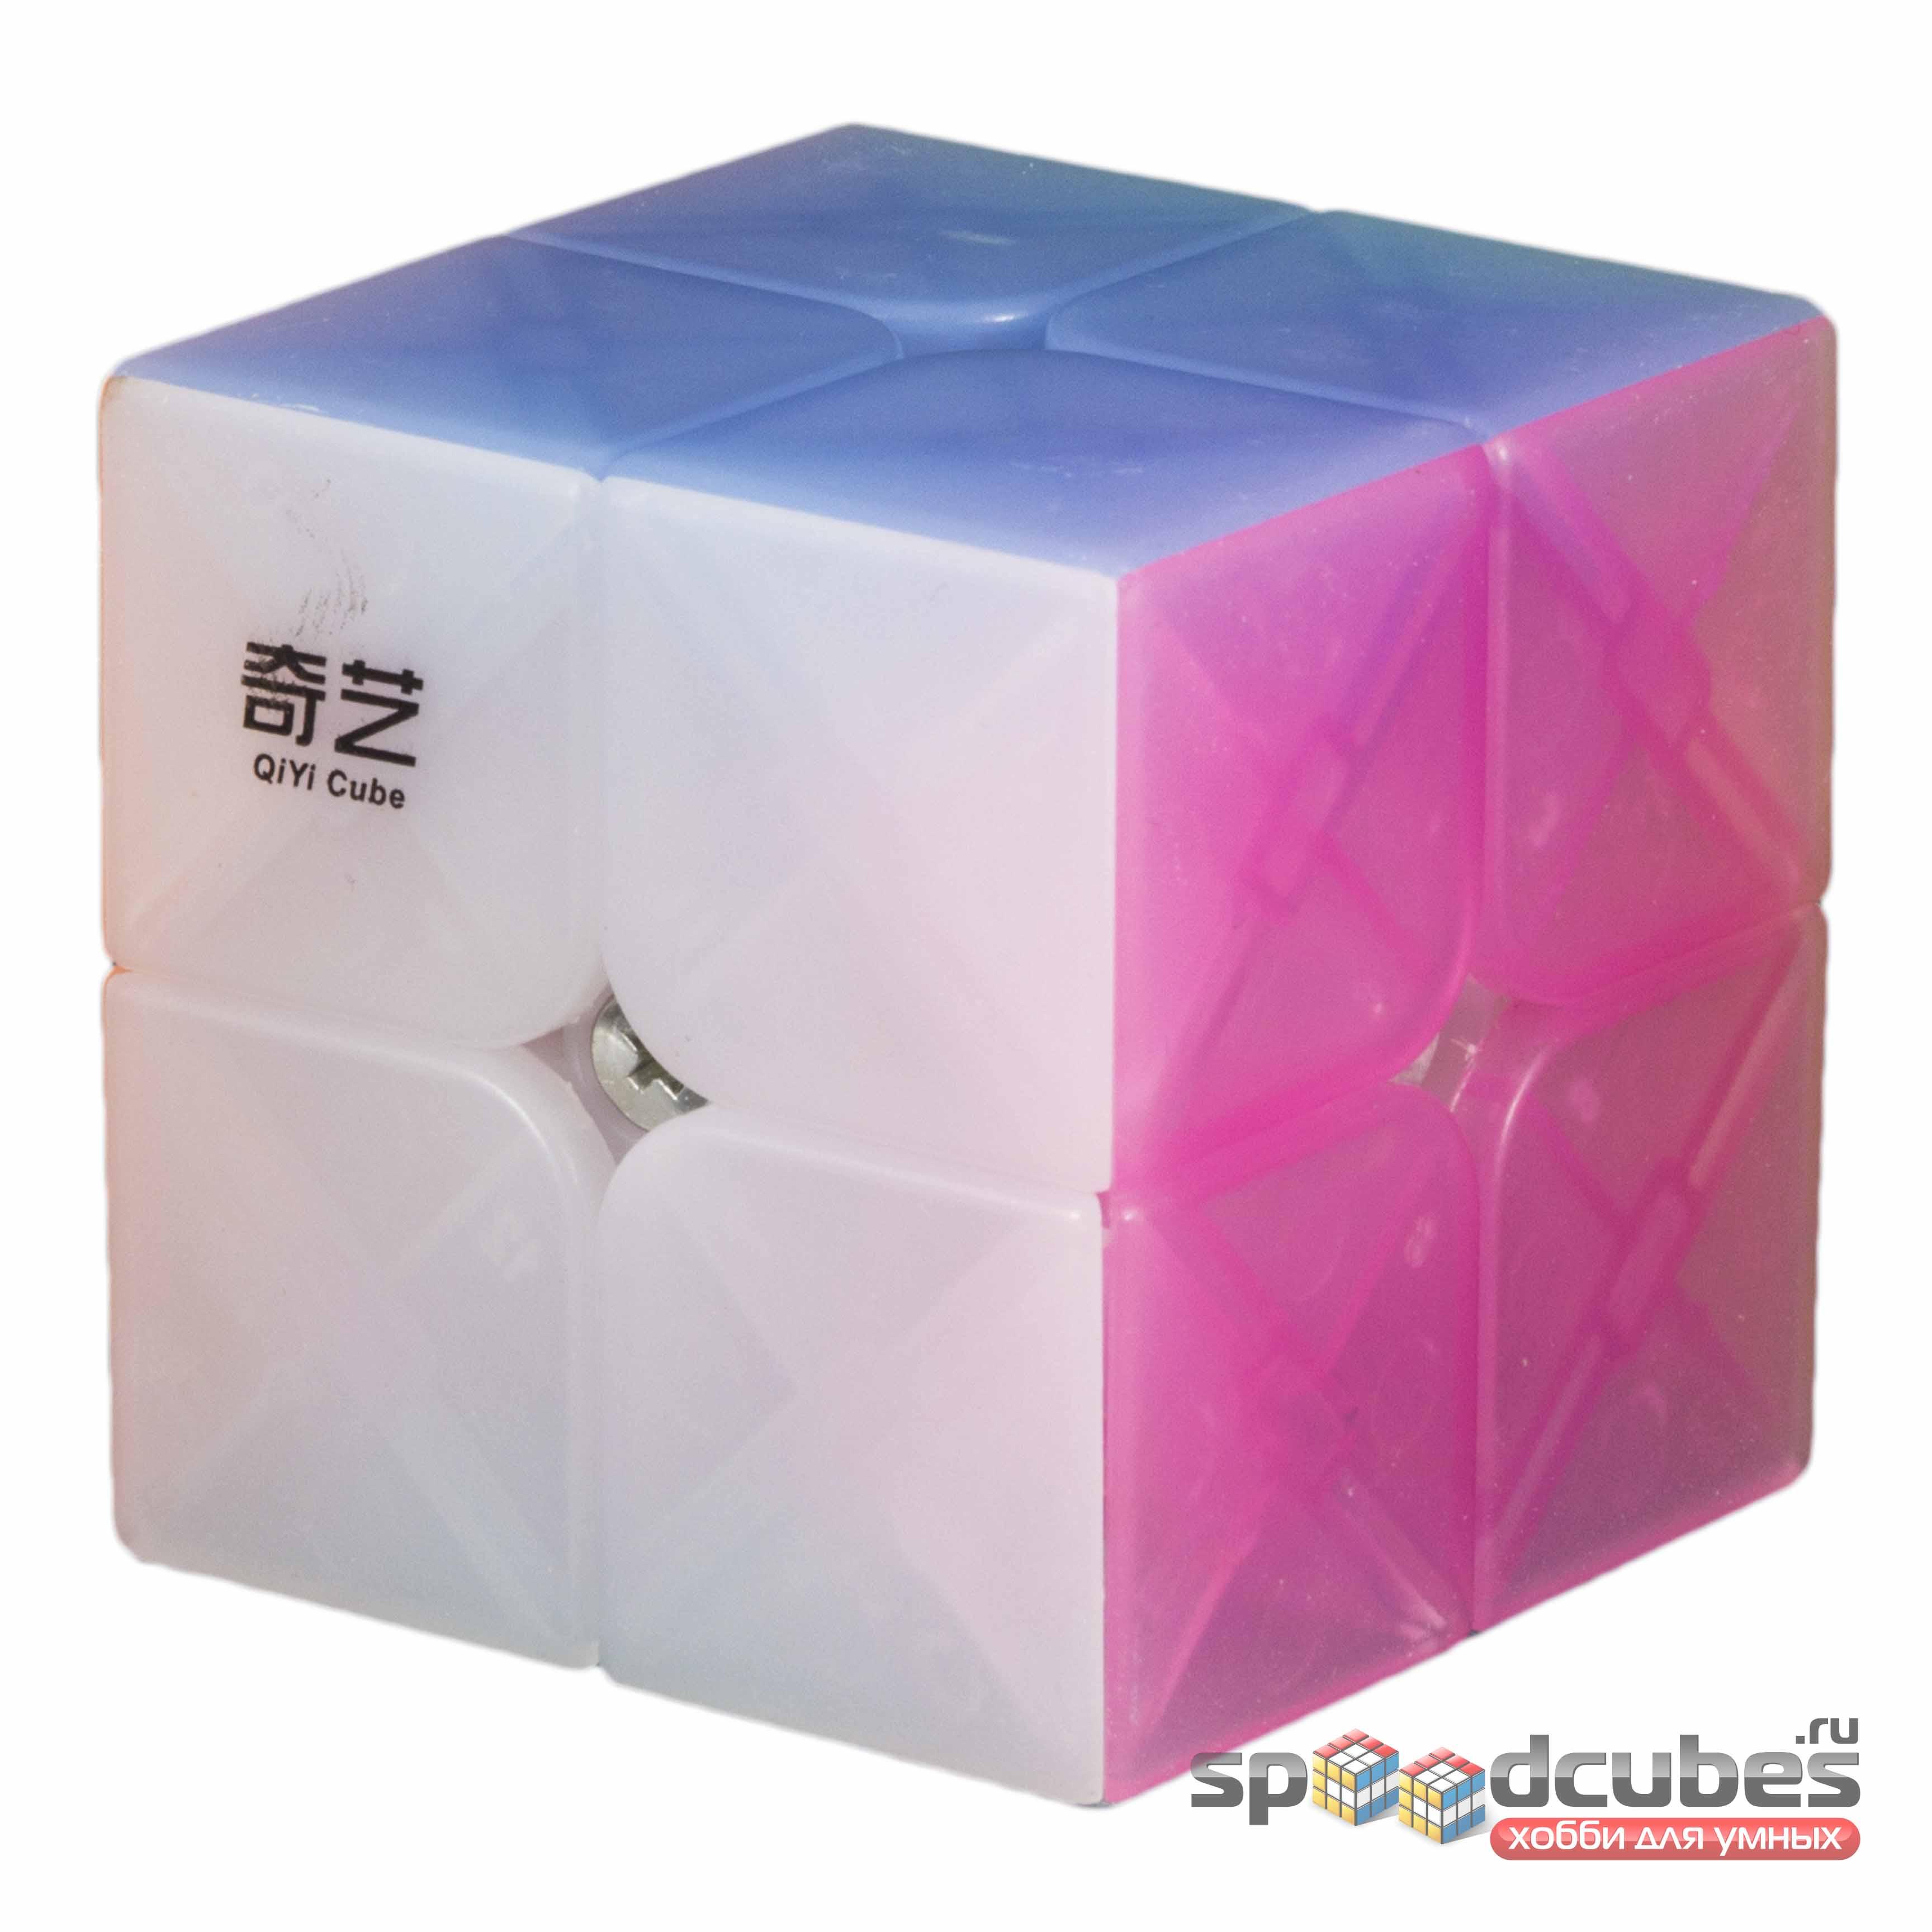 QiYi (MofangGe) 2x2x2 Jelly Cube